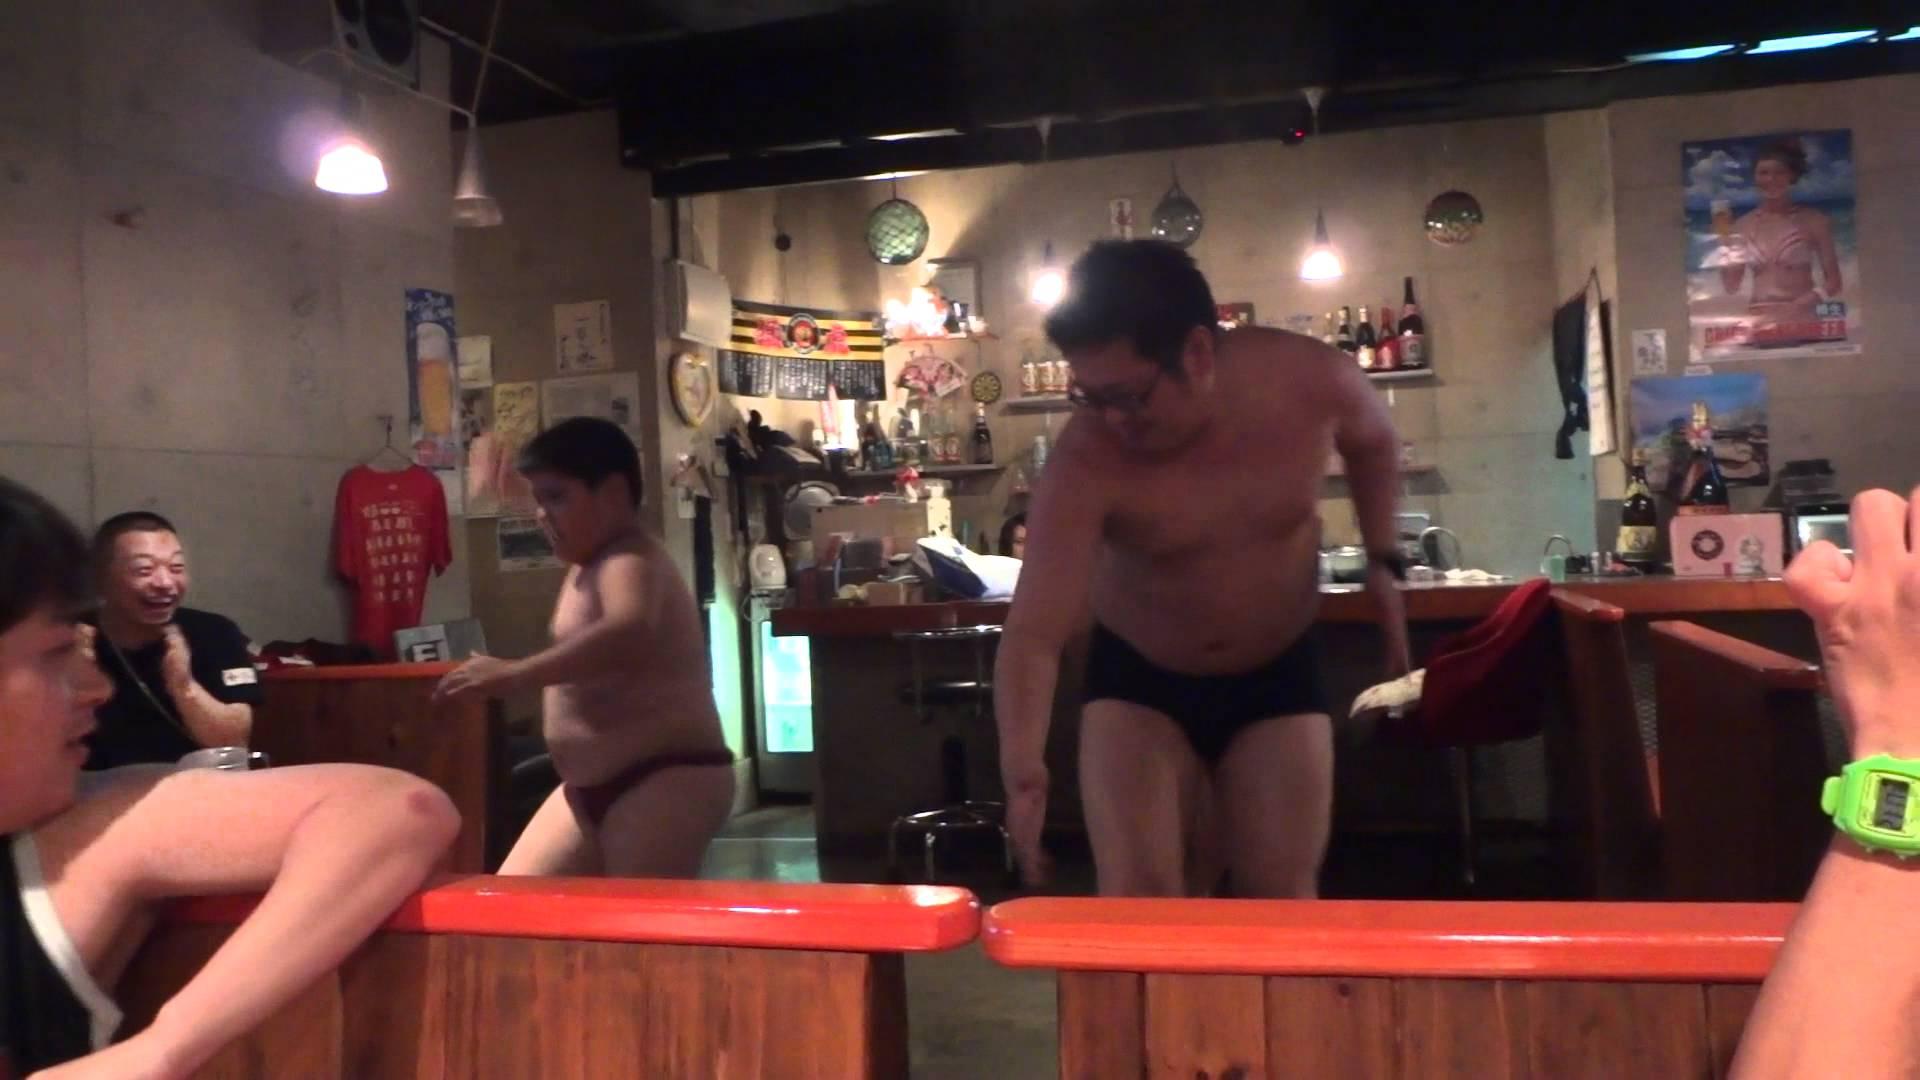 子分二人を引き連れたノンケのメガネデブ君の陽気に踊る姿を見る!